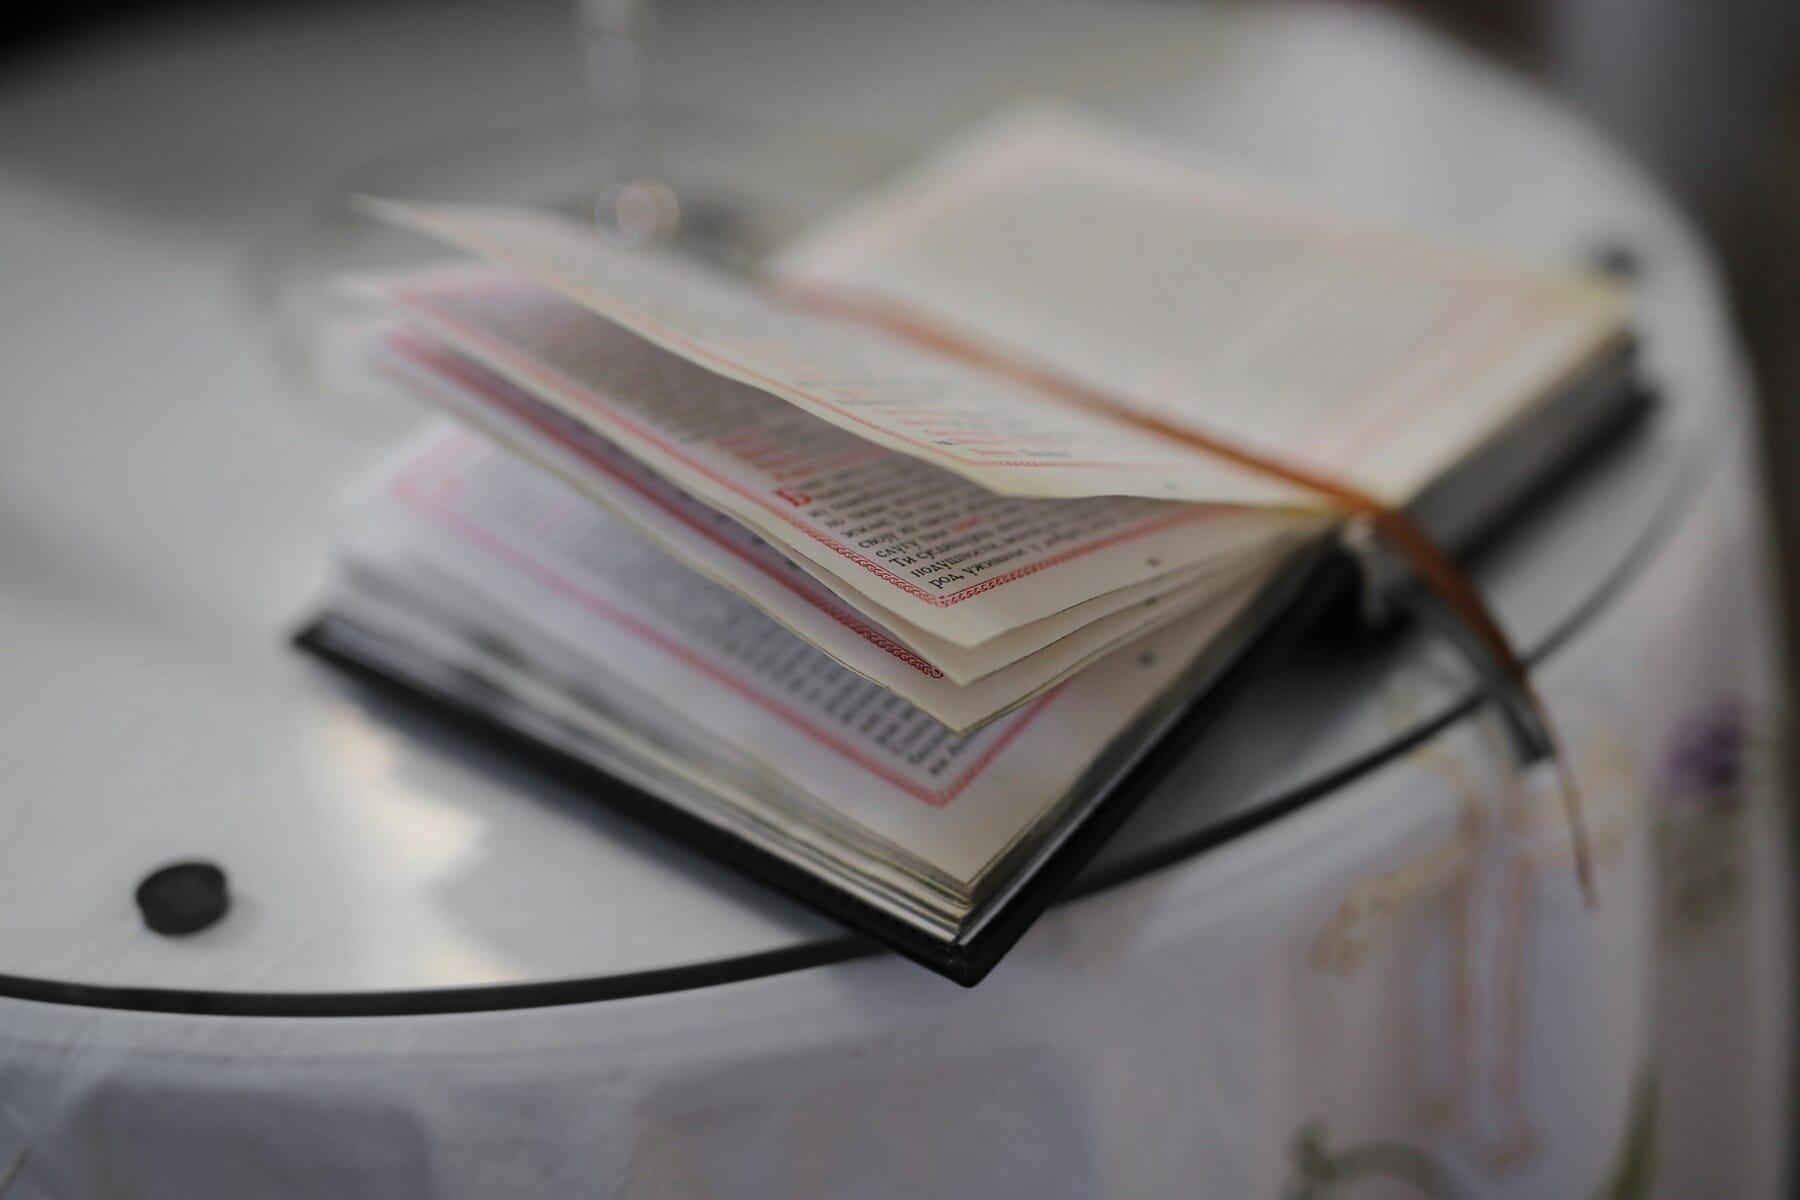 โต๊ะ, ไม่ชัด, จอง, เก่า, กระดาษ, ในที่ร่ม, การศึกษา, วิจัย, ชีวิตยังคง, เอกสาร